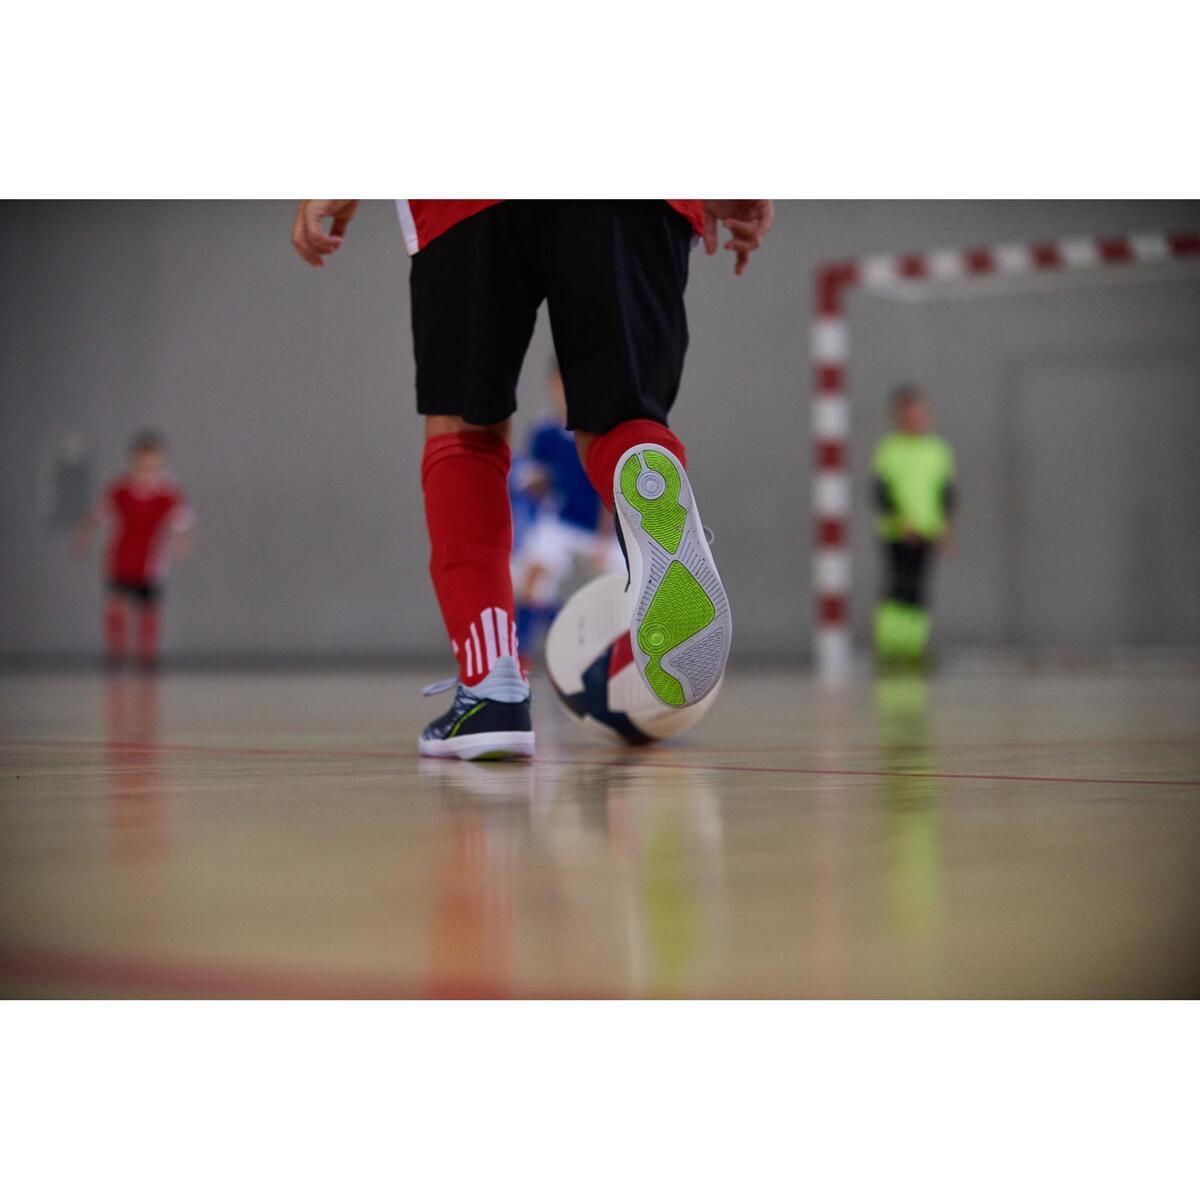 Bild 2 von Hallenschuhe Eskudo 500 Futsal Kinder blau/grau